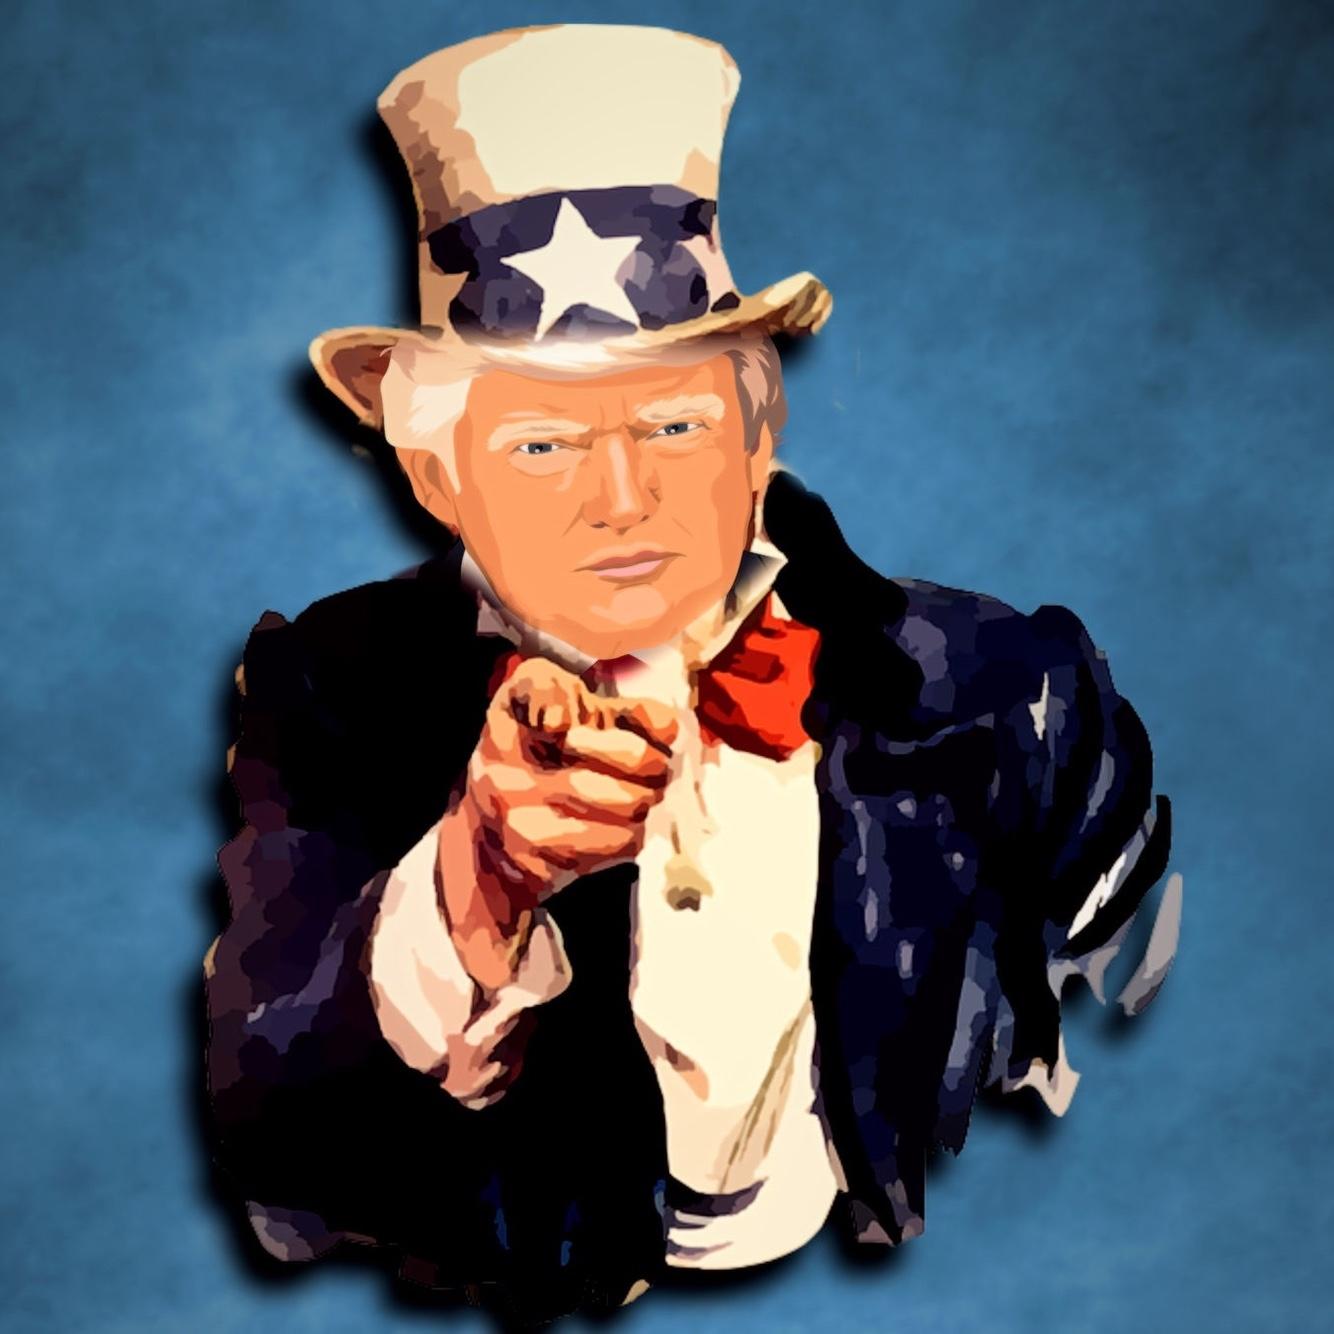 Bild: Amerikanischer Präsident Donald Trump als Uncle Sam